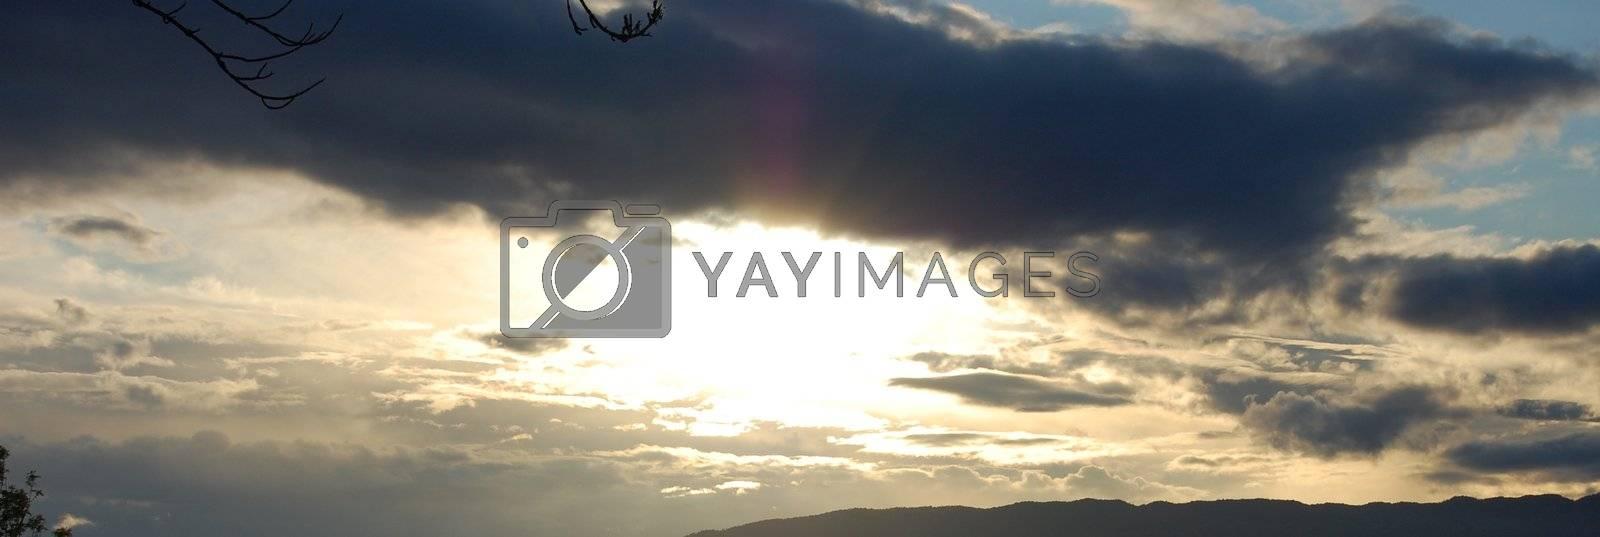 bilder fylt med fred og natur